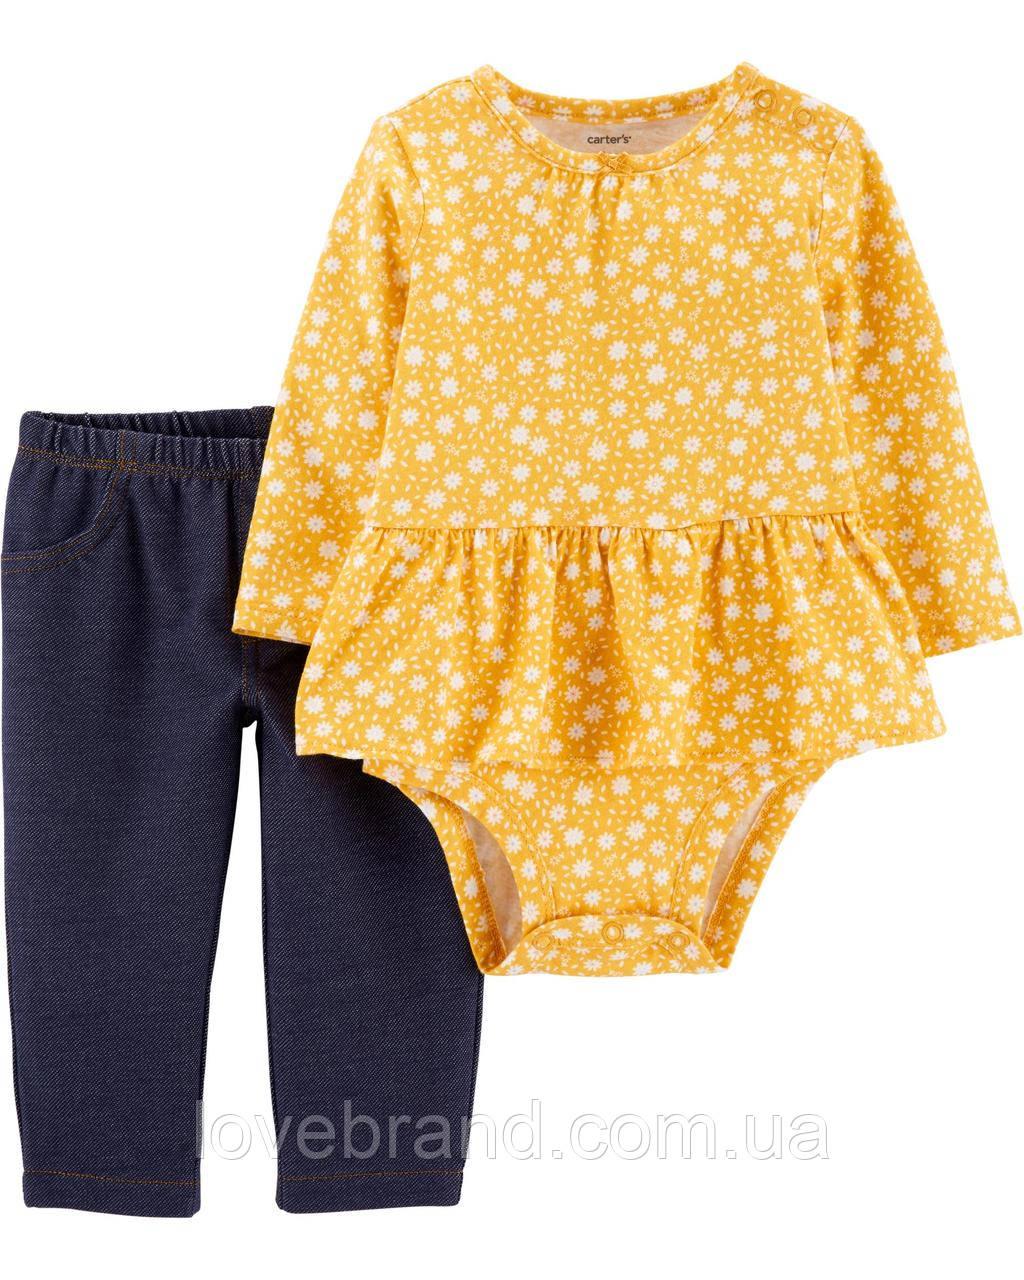 Набор для девочки Carter's боди + штанишки 6 мес/61-67 см